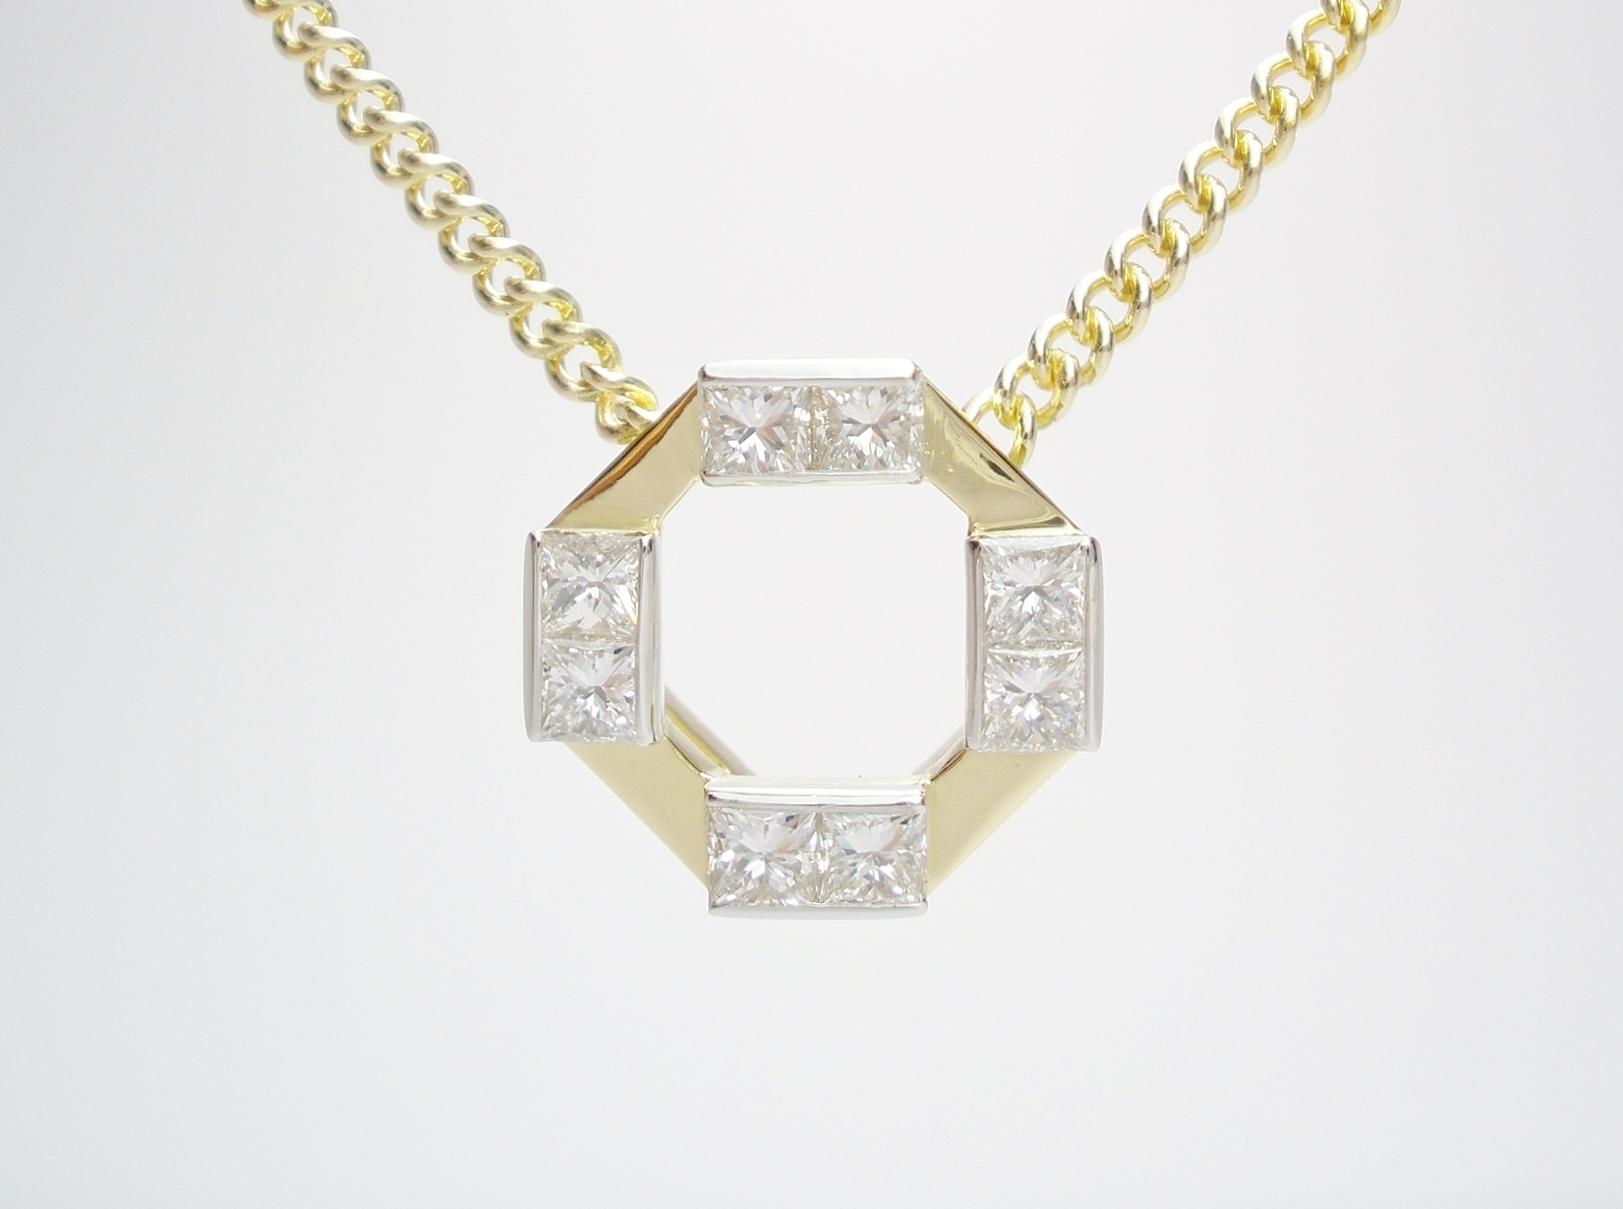 18ct. yellow gold & platinum octagonal pendant set with 8 princess cut diamonds.